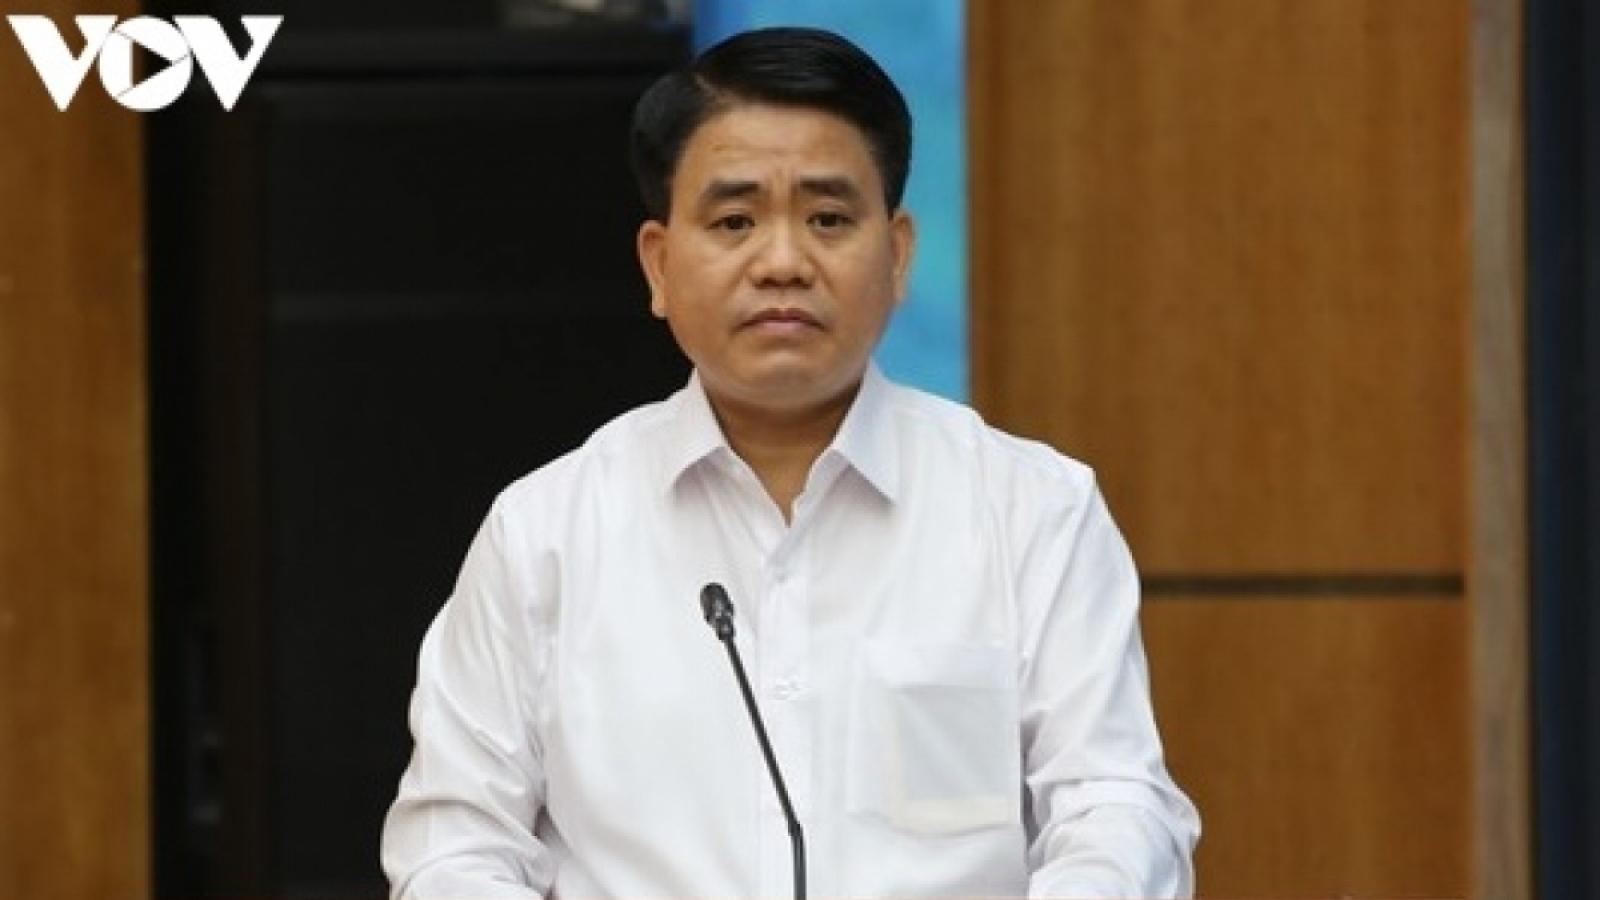 """Ông chủ Nhật Cường đã """"tác động"""" ông Nguyễn Đức Chung bằng cách nào?"""